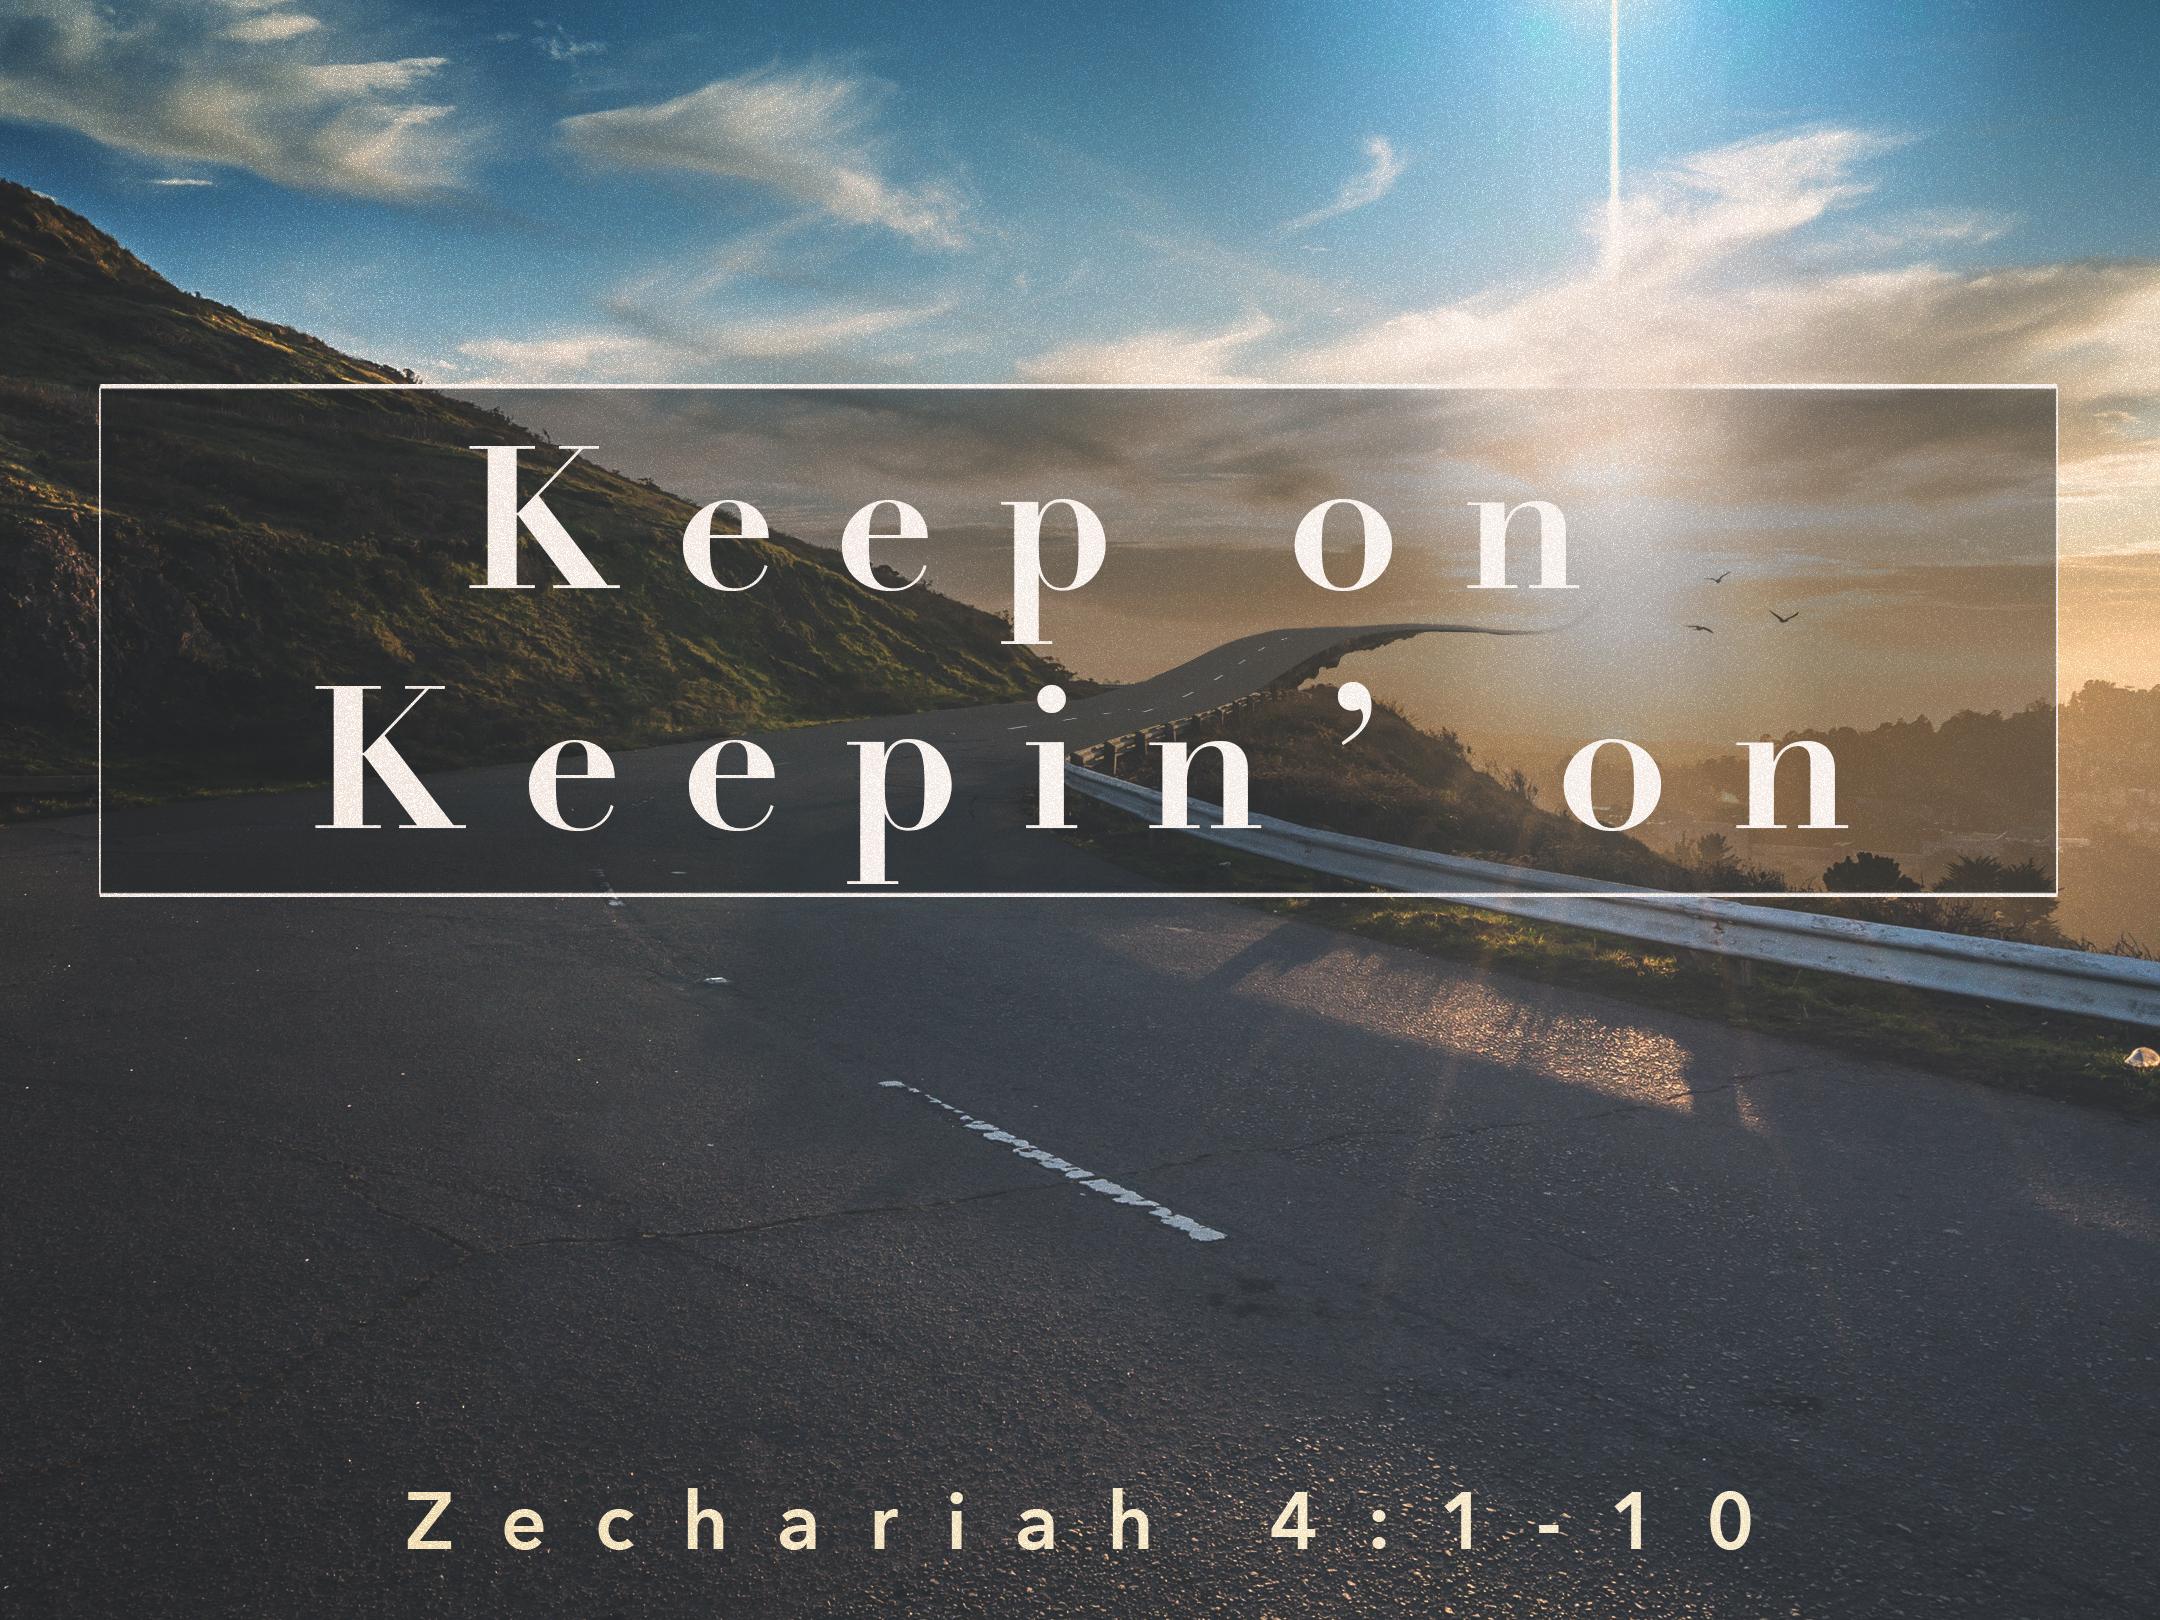 keep on keepin' on - TITLE.jpg